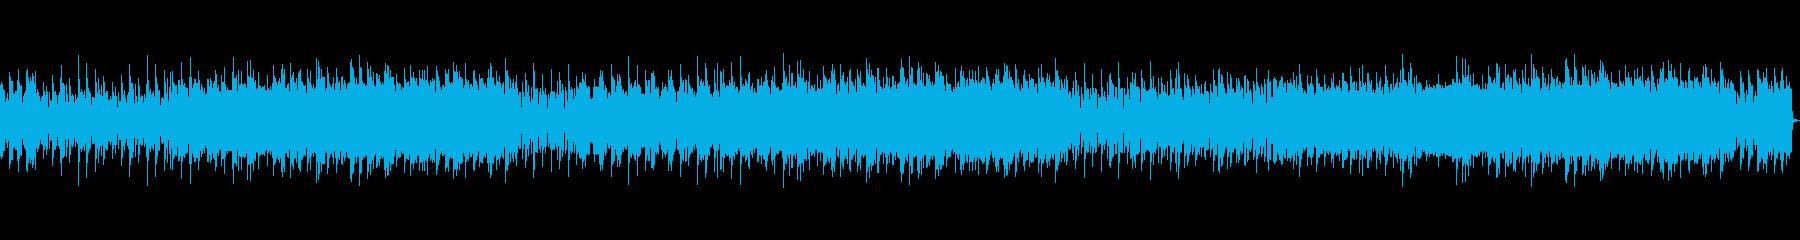 高音質♪オランダ風アコーディオンオルガンの再生済みの波形